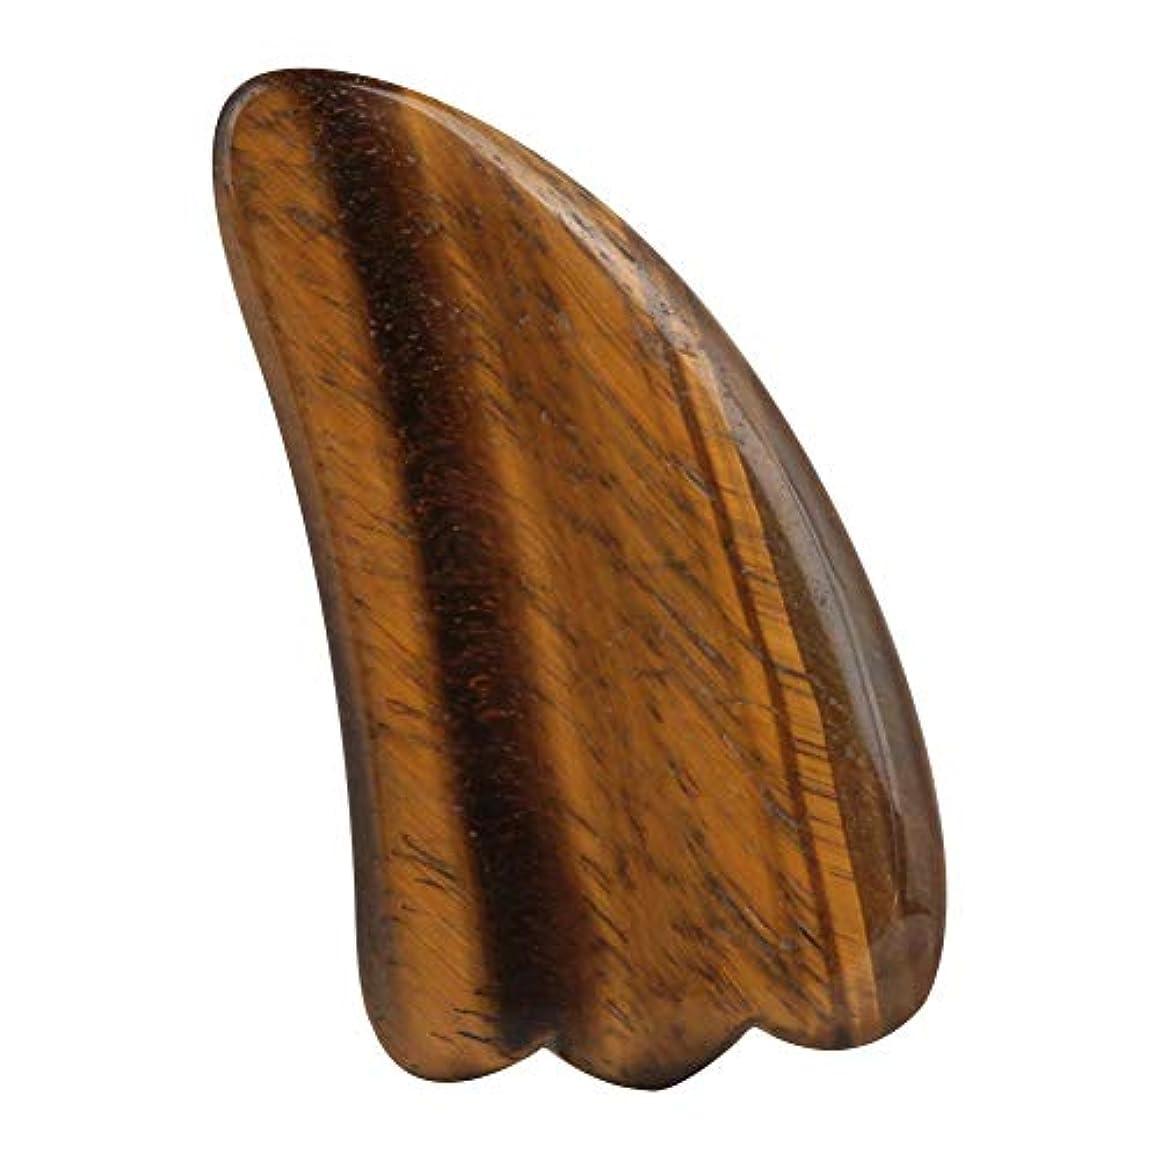 納得させる戸棚参照するGua Sha擦り落としツール、ナチュラルハンドメイドのタイガライトマッサージ掻き取りプレートツール、美容と痛みを和らげるマッサージ